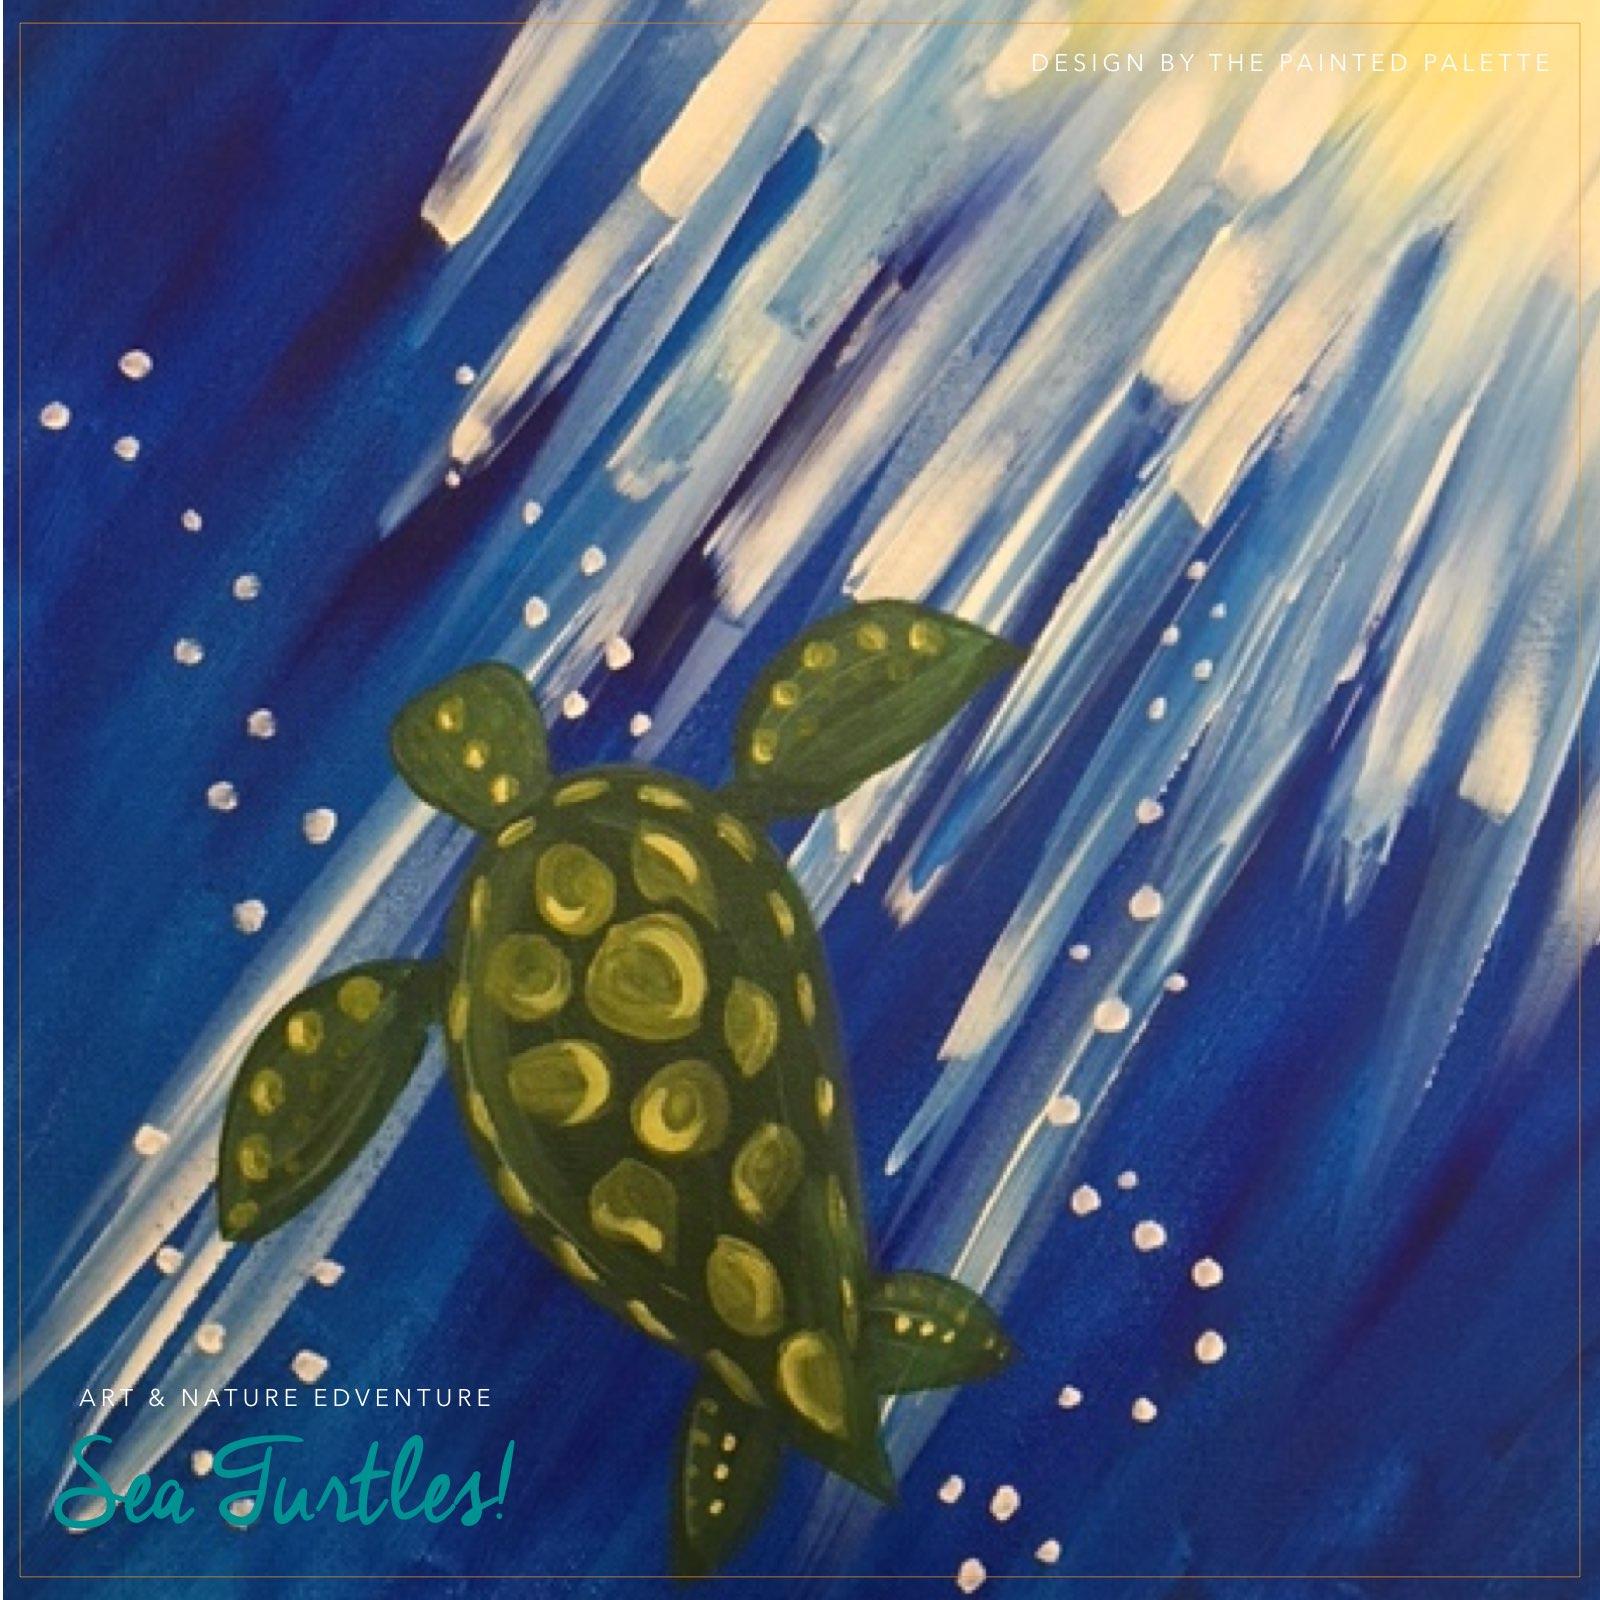 Art + Nature Edventure: Sea Turtles! - (cool) progeny